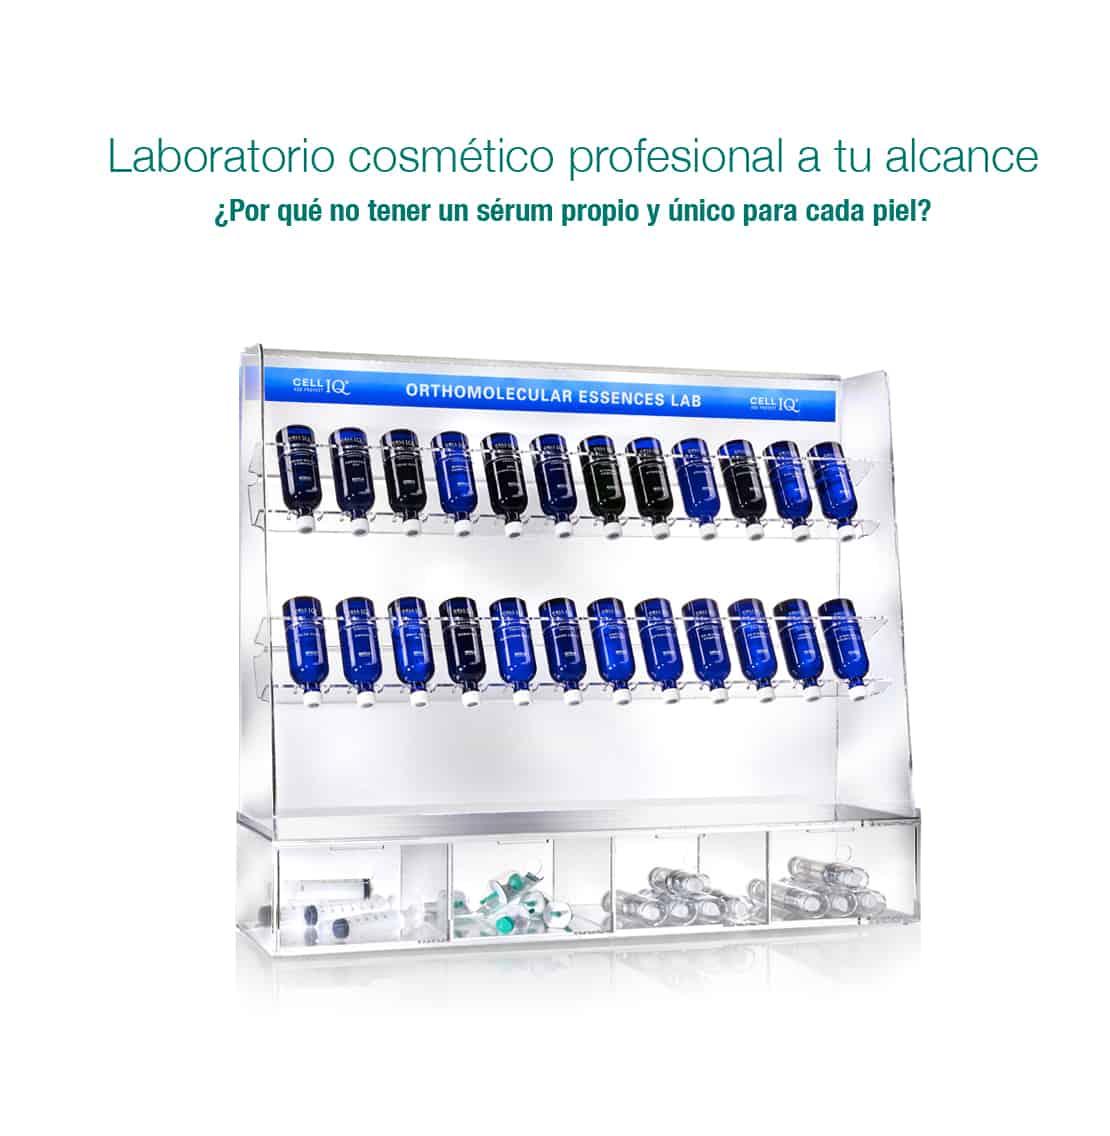 Cell IQ laboratorio activos cosméticos ortomoleculares belium medical gijon piel rejuvenecimiento belleza